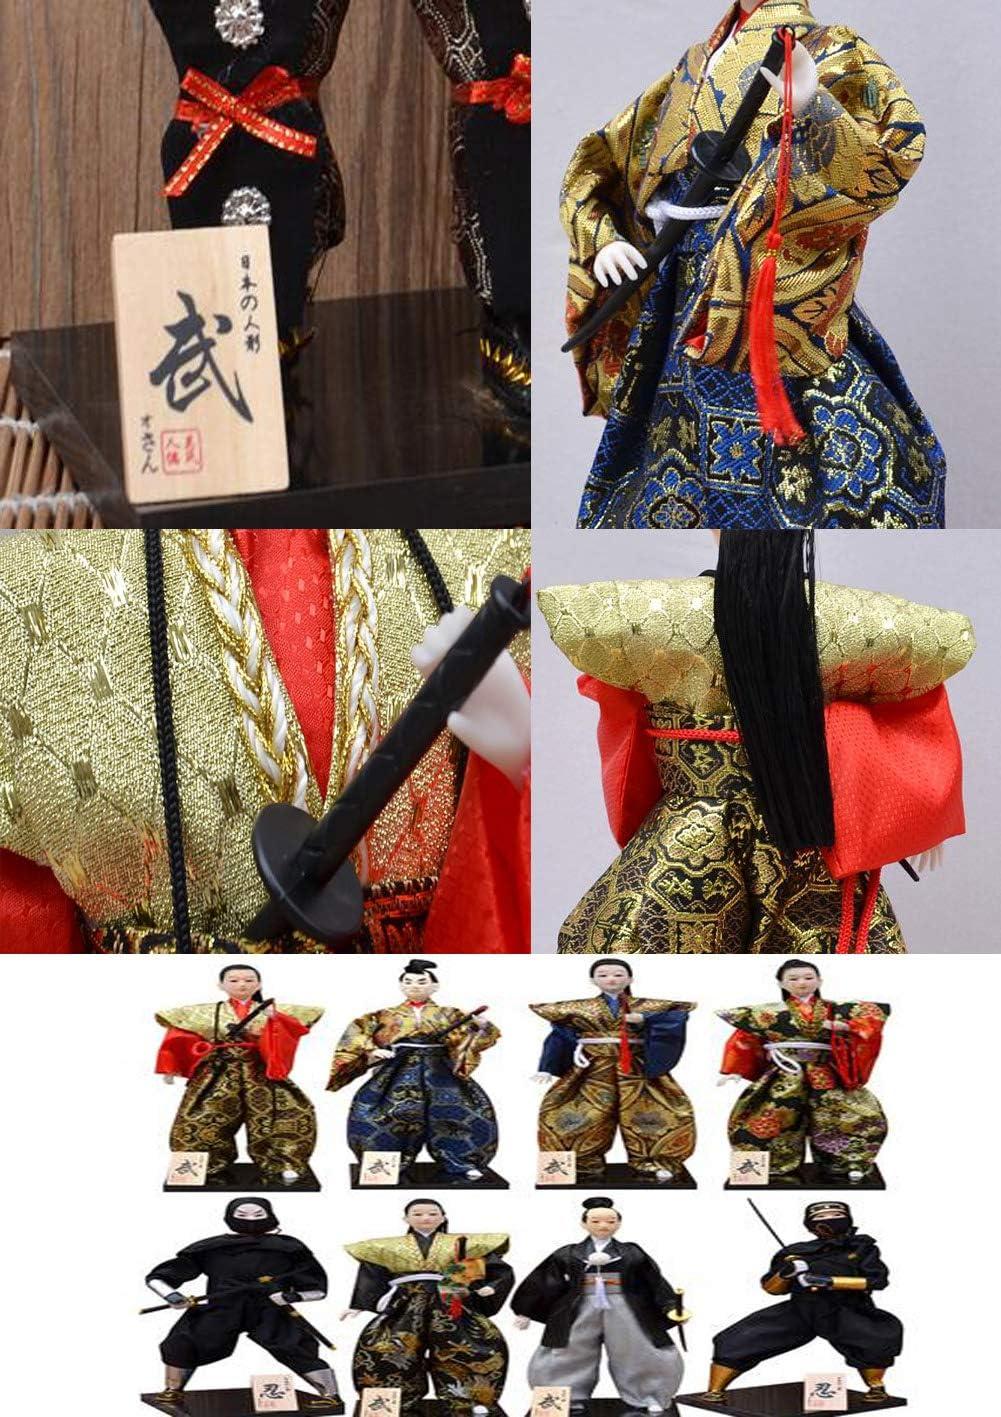 Wukong Direct Figurine de Guerrier de Figurine de samoura/ï Japonais Miniature Faite Main pour Restaurant /à la Maison ou de Sushi#8